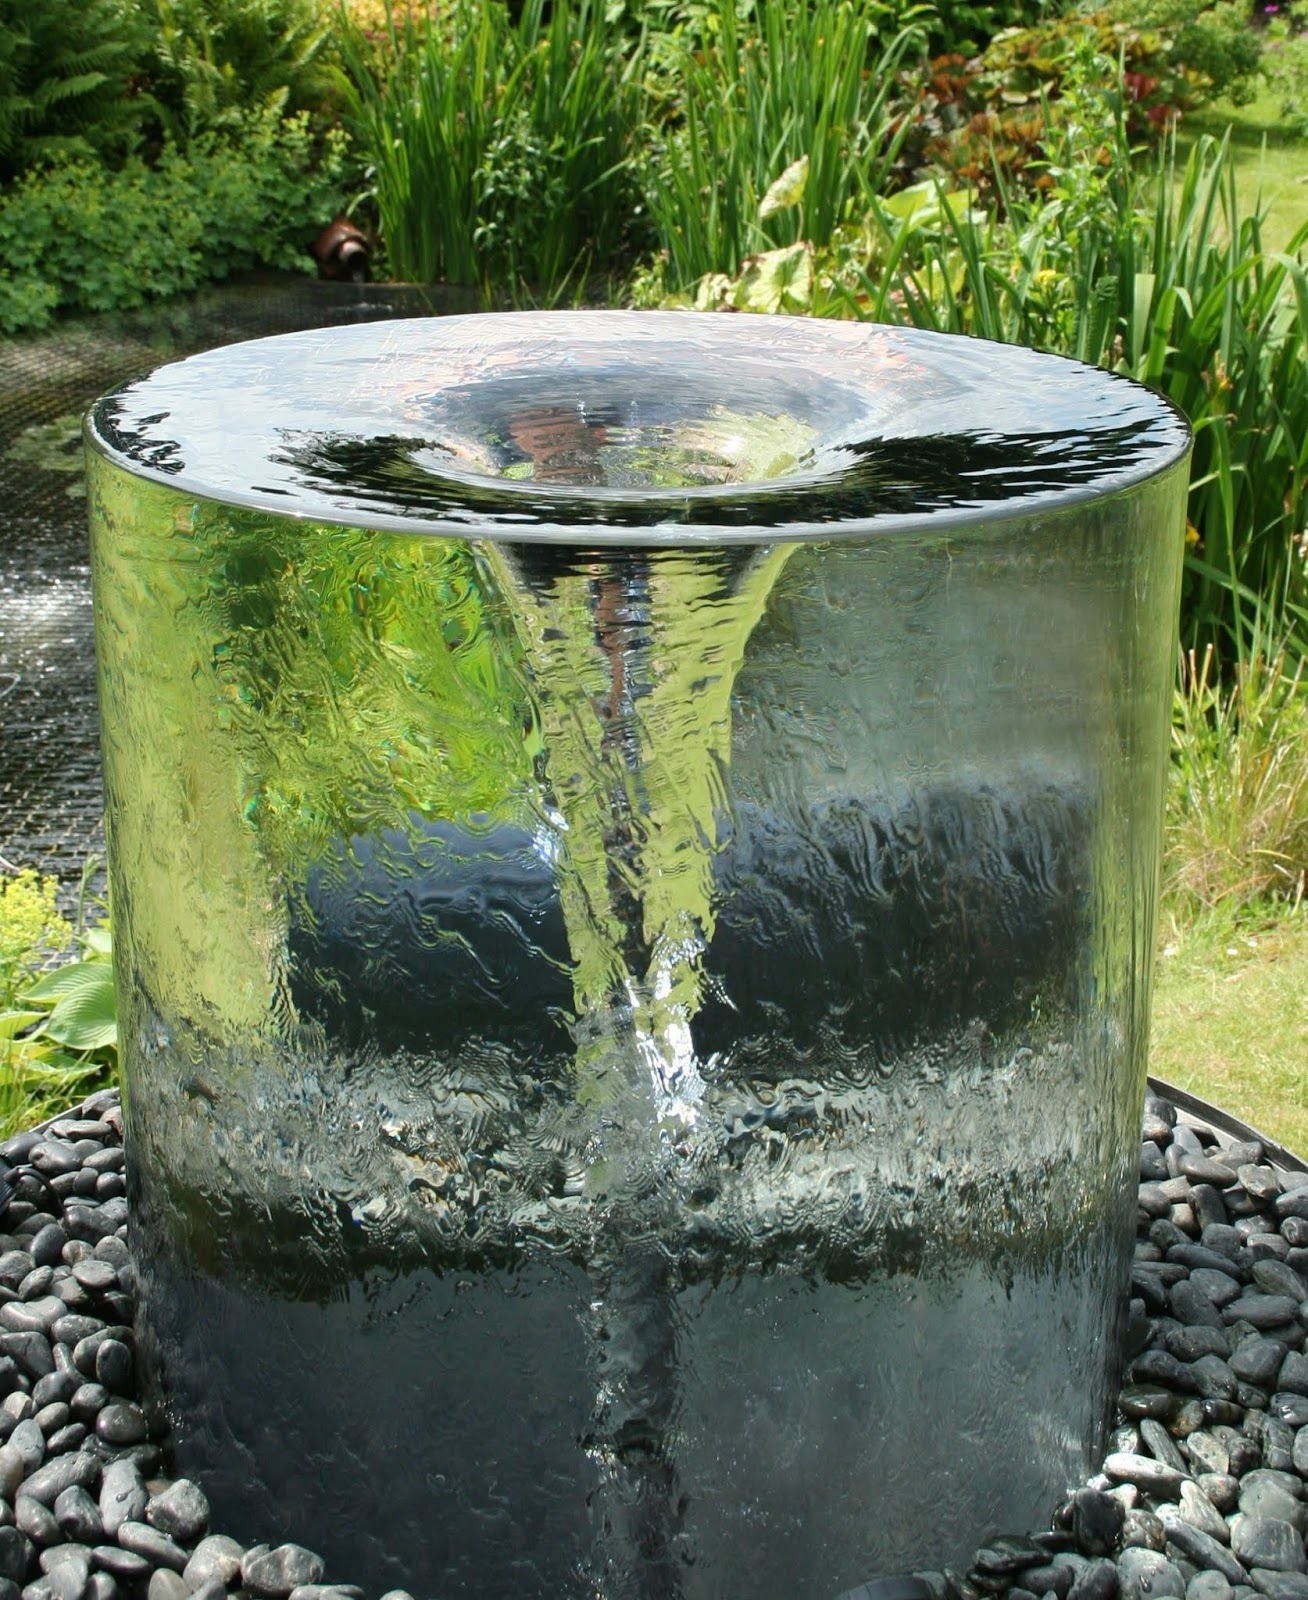 Beau Hermosa Fuente Para Jardín Con Tornado De Agua Y Material Transparente.